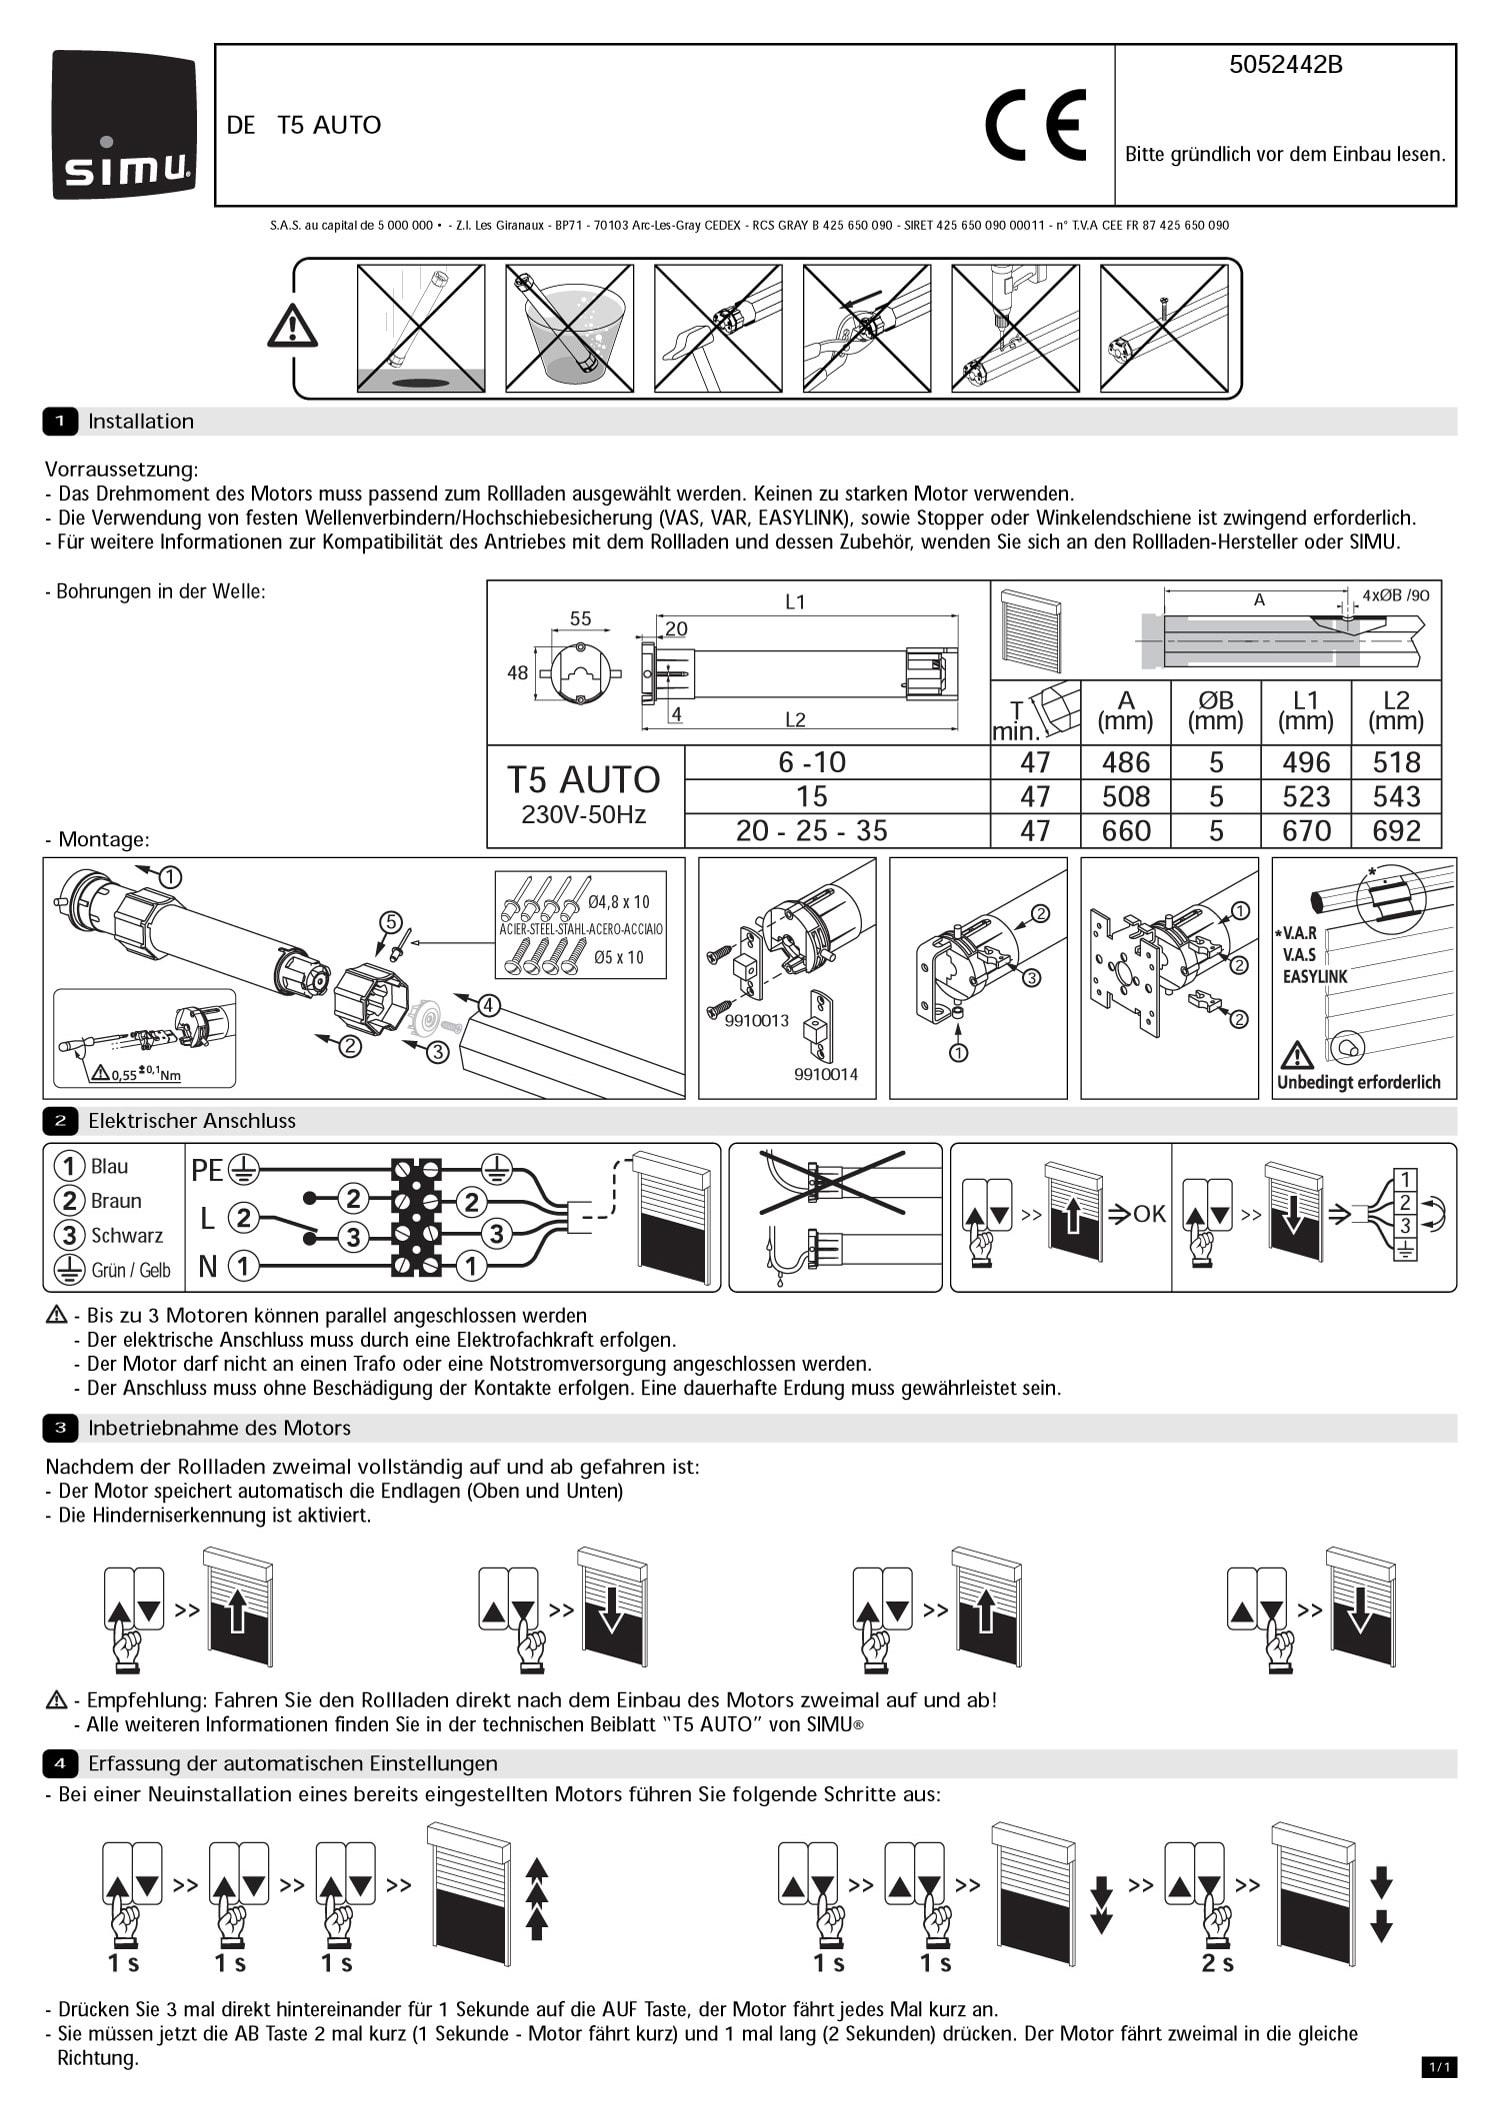 Großhandelspreis 2019 kostengünstig schönes Design Motor SIMU T5 Auto - RUFALEX Rollladen-Systeme AG